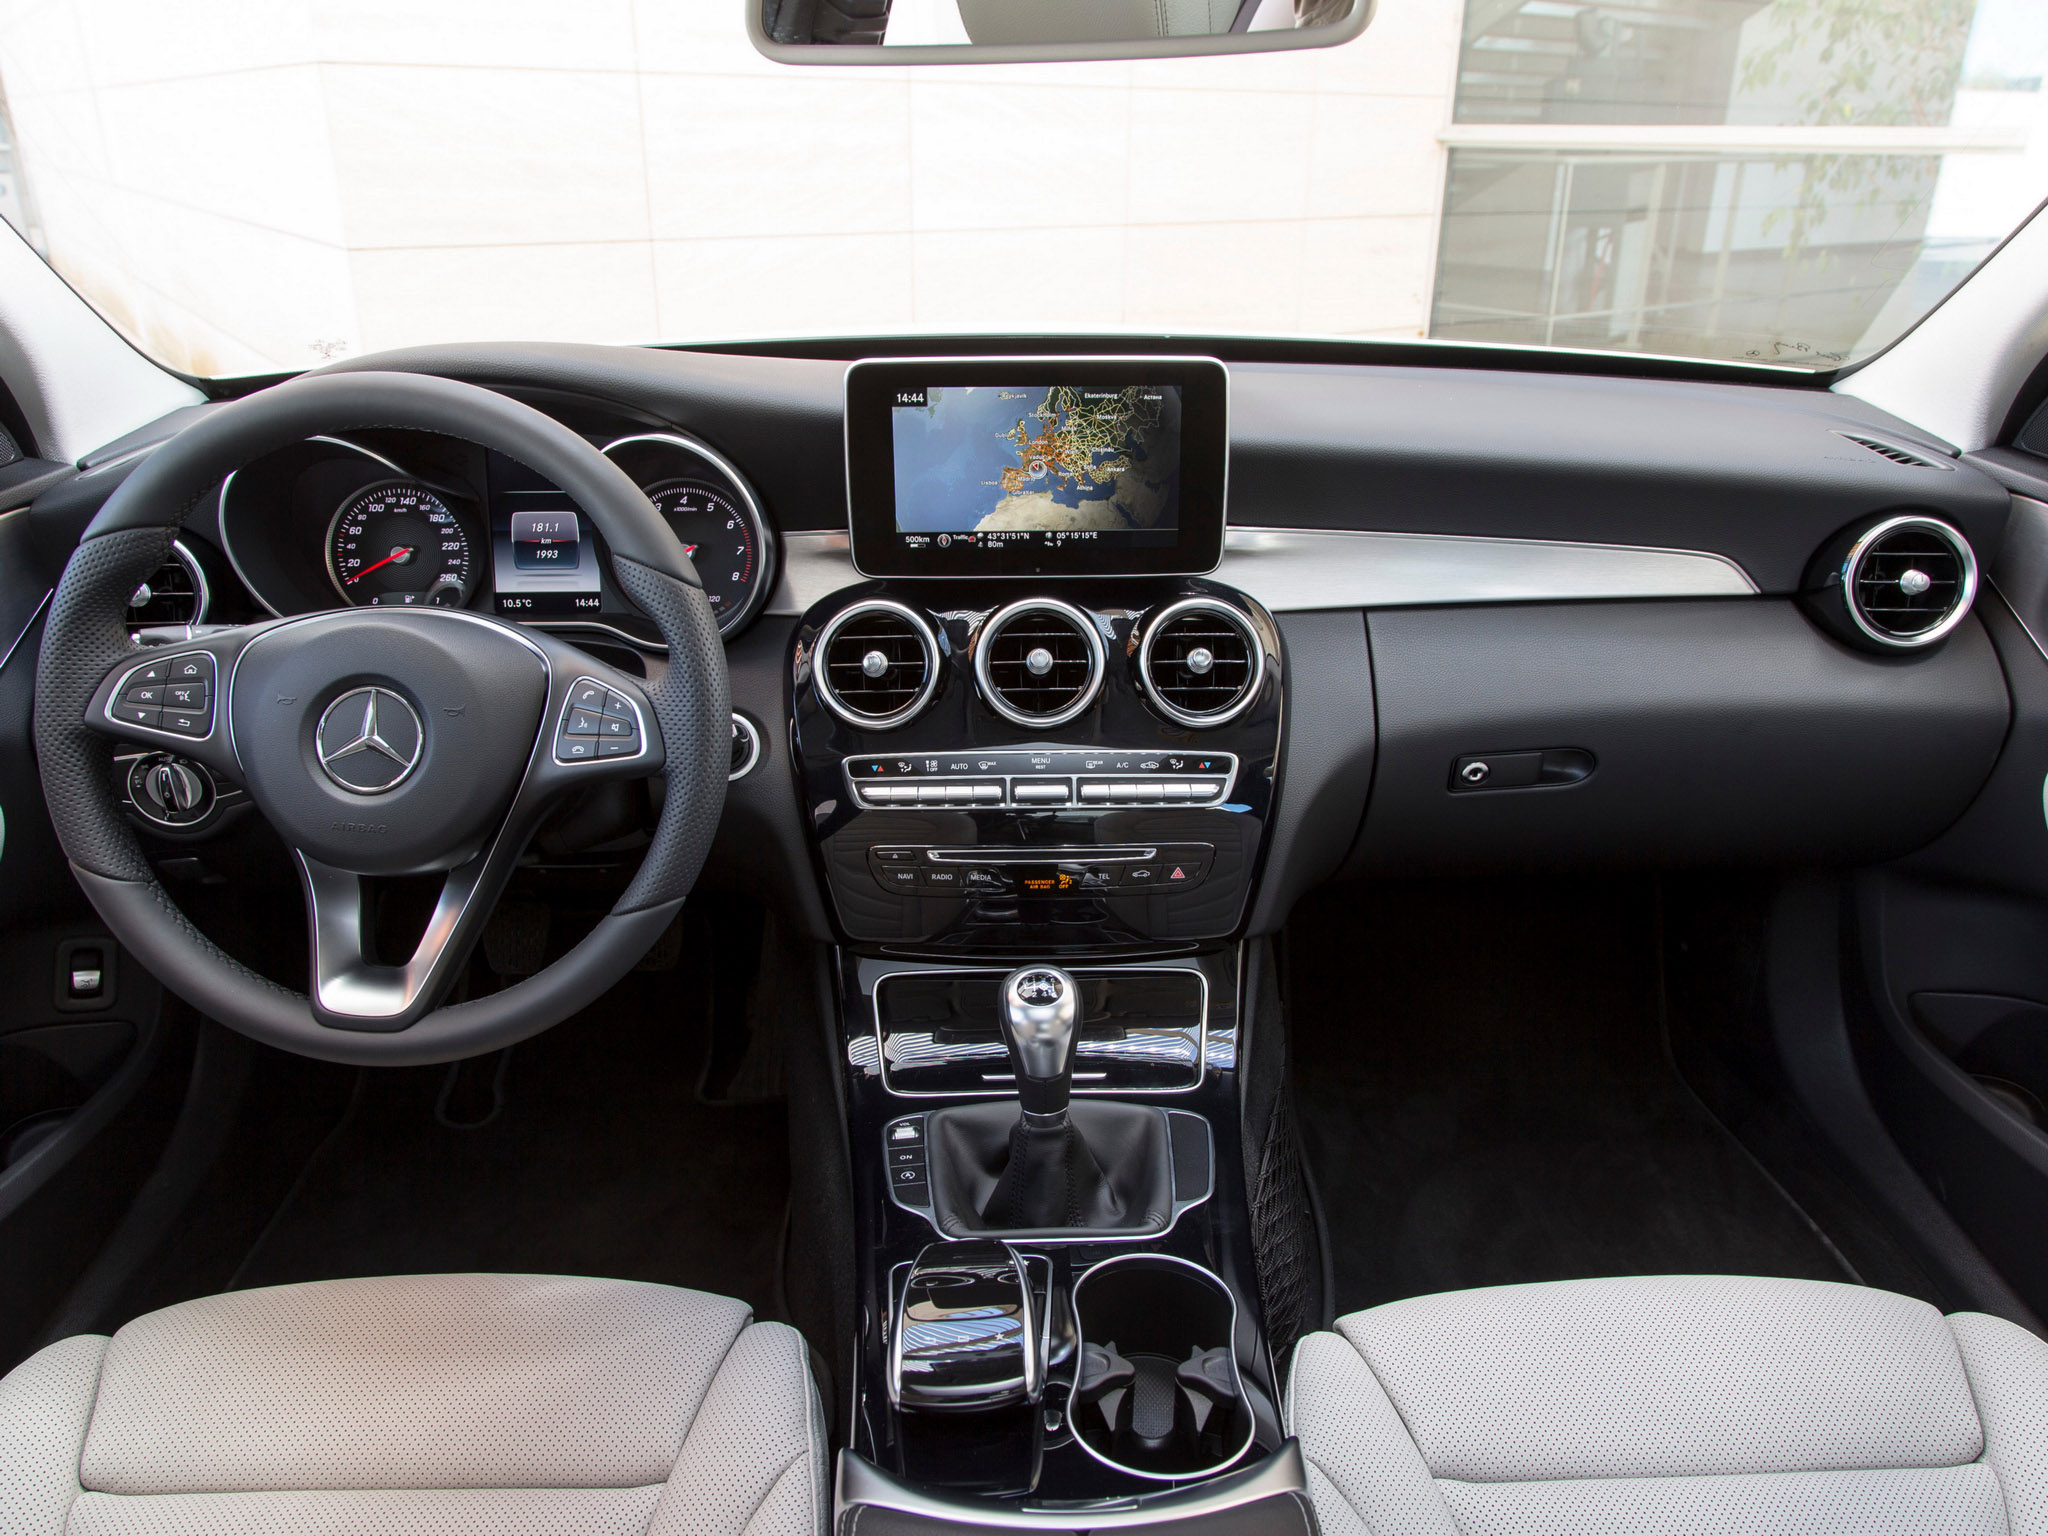 Dokaz Dru Tvenog Blagostanja Audi A4 Vs Bmw Serije 3 Vs